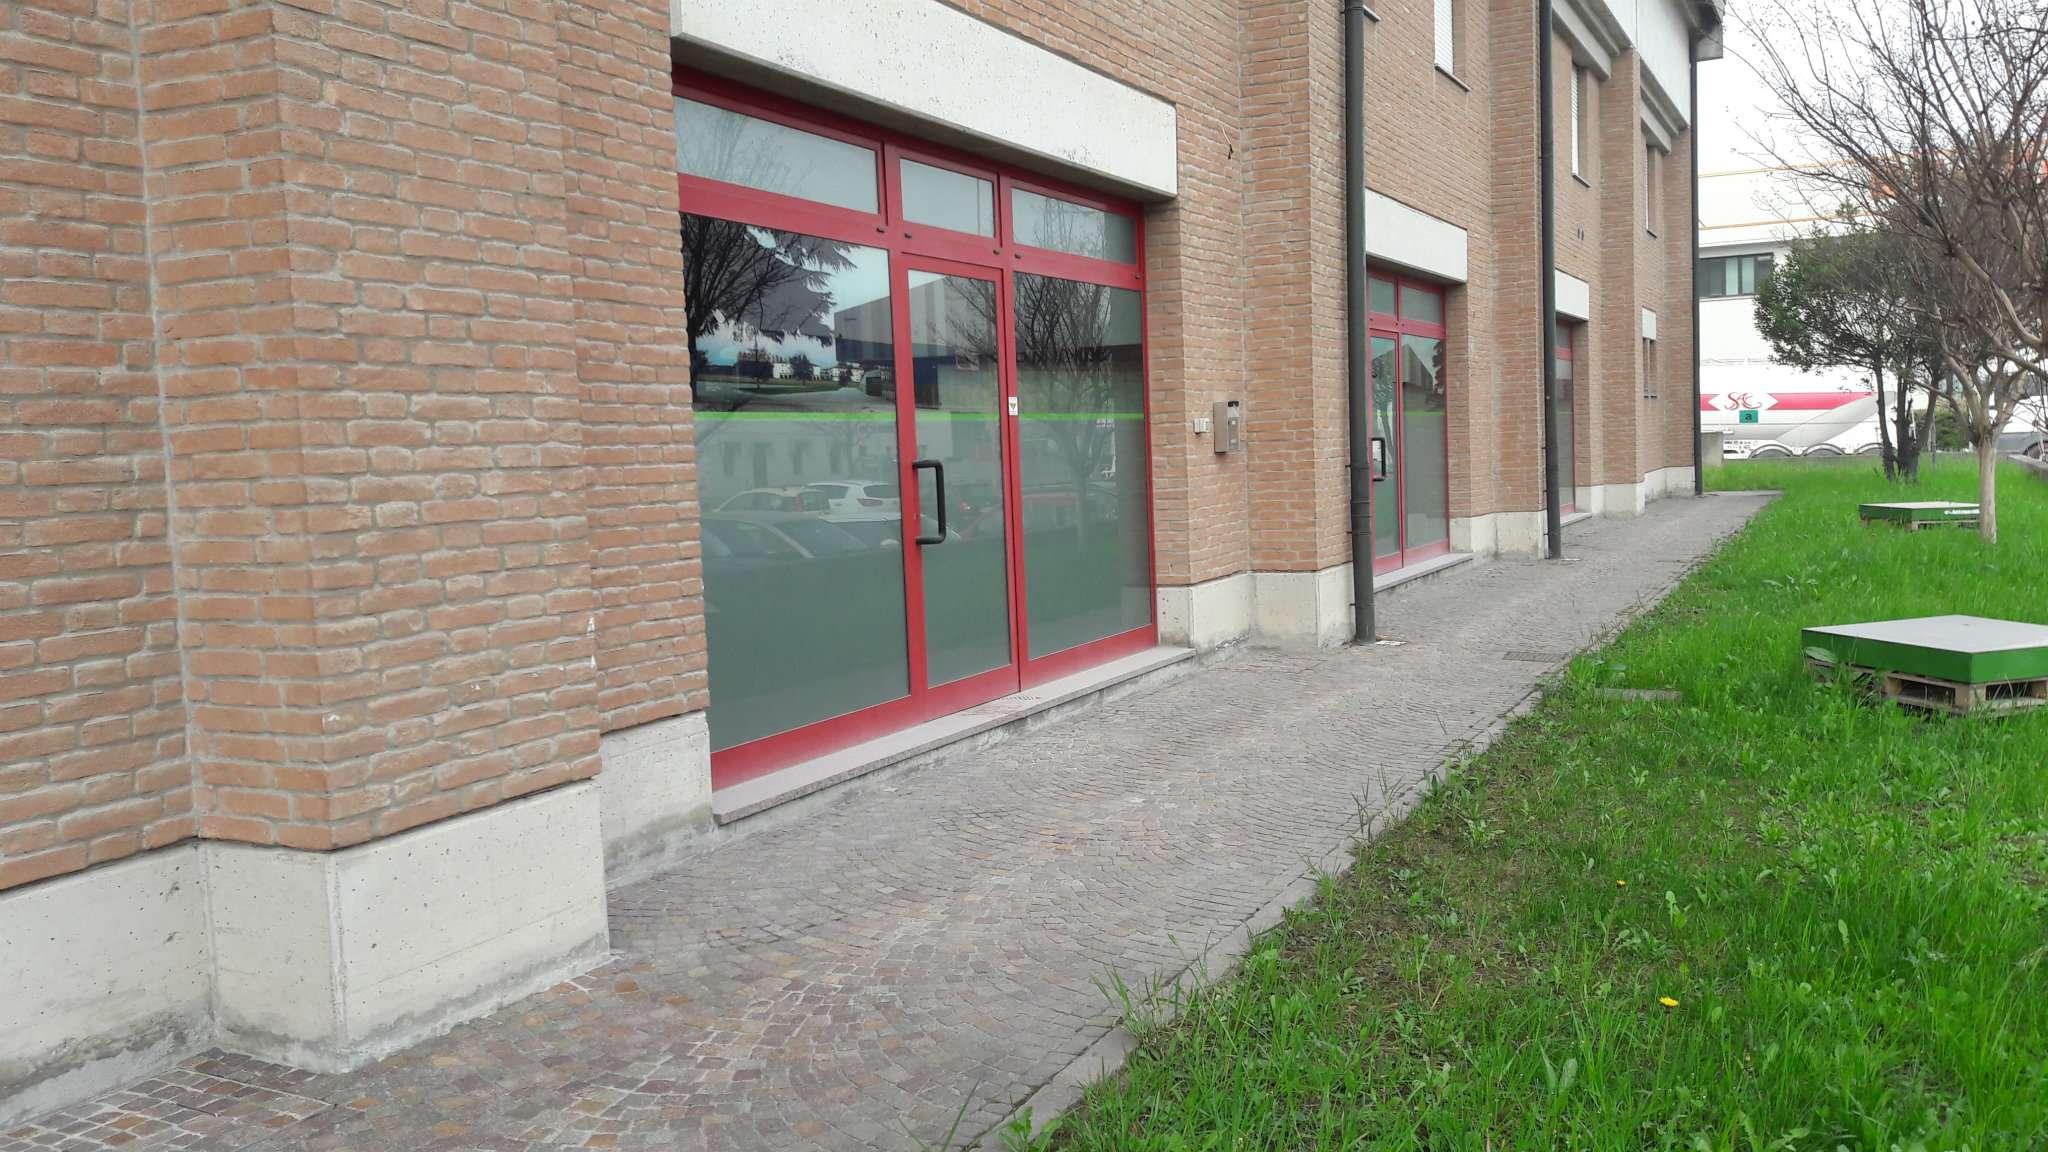 Negozio / Locale in affitto a Sassuolo, 9999 locali, prezzo € 1.100 | CambioCasa.it